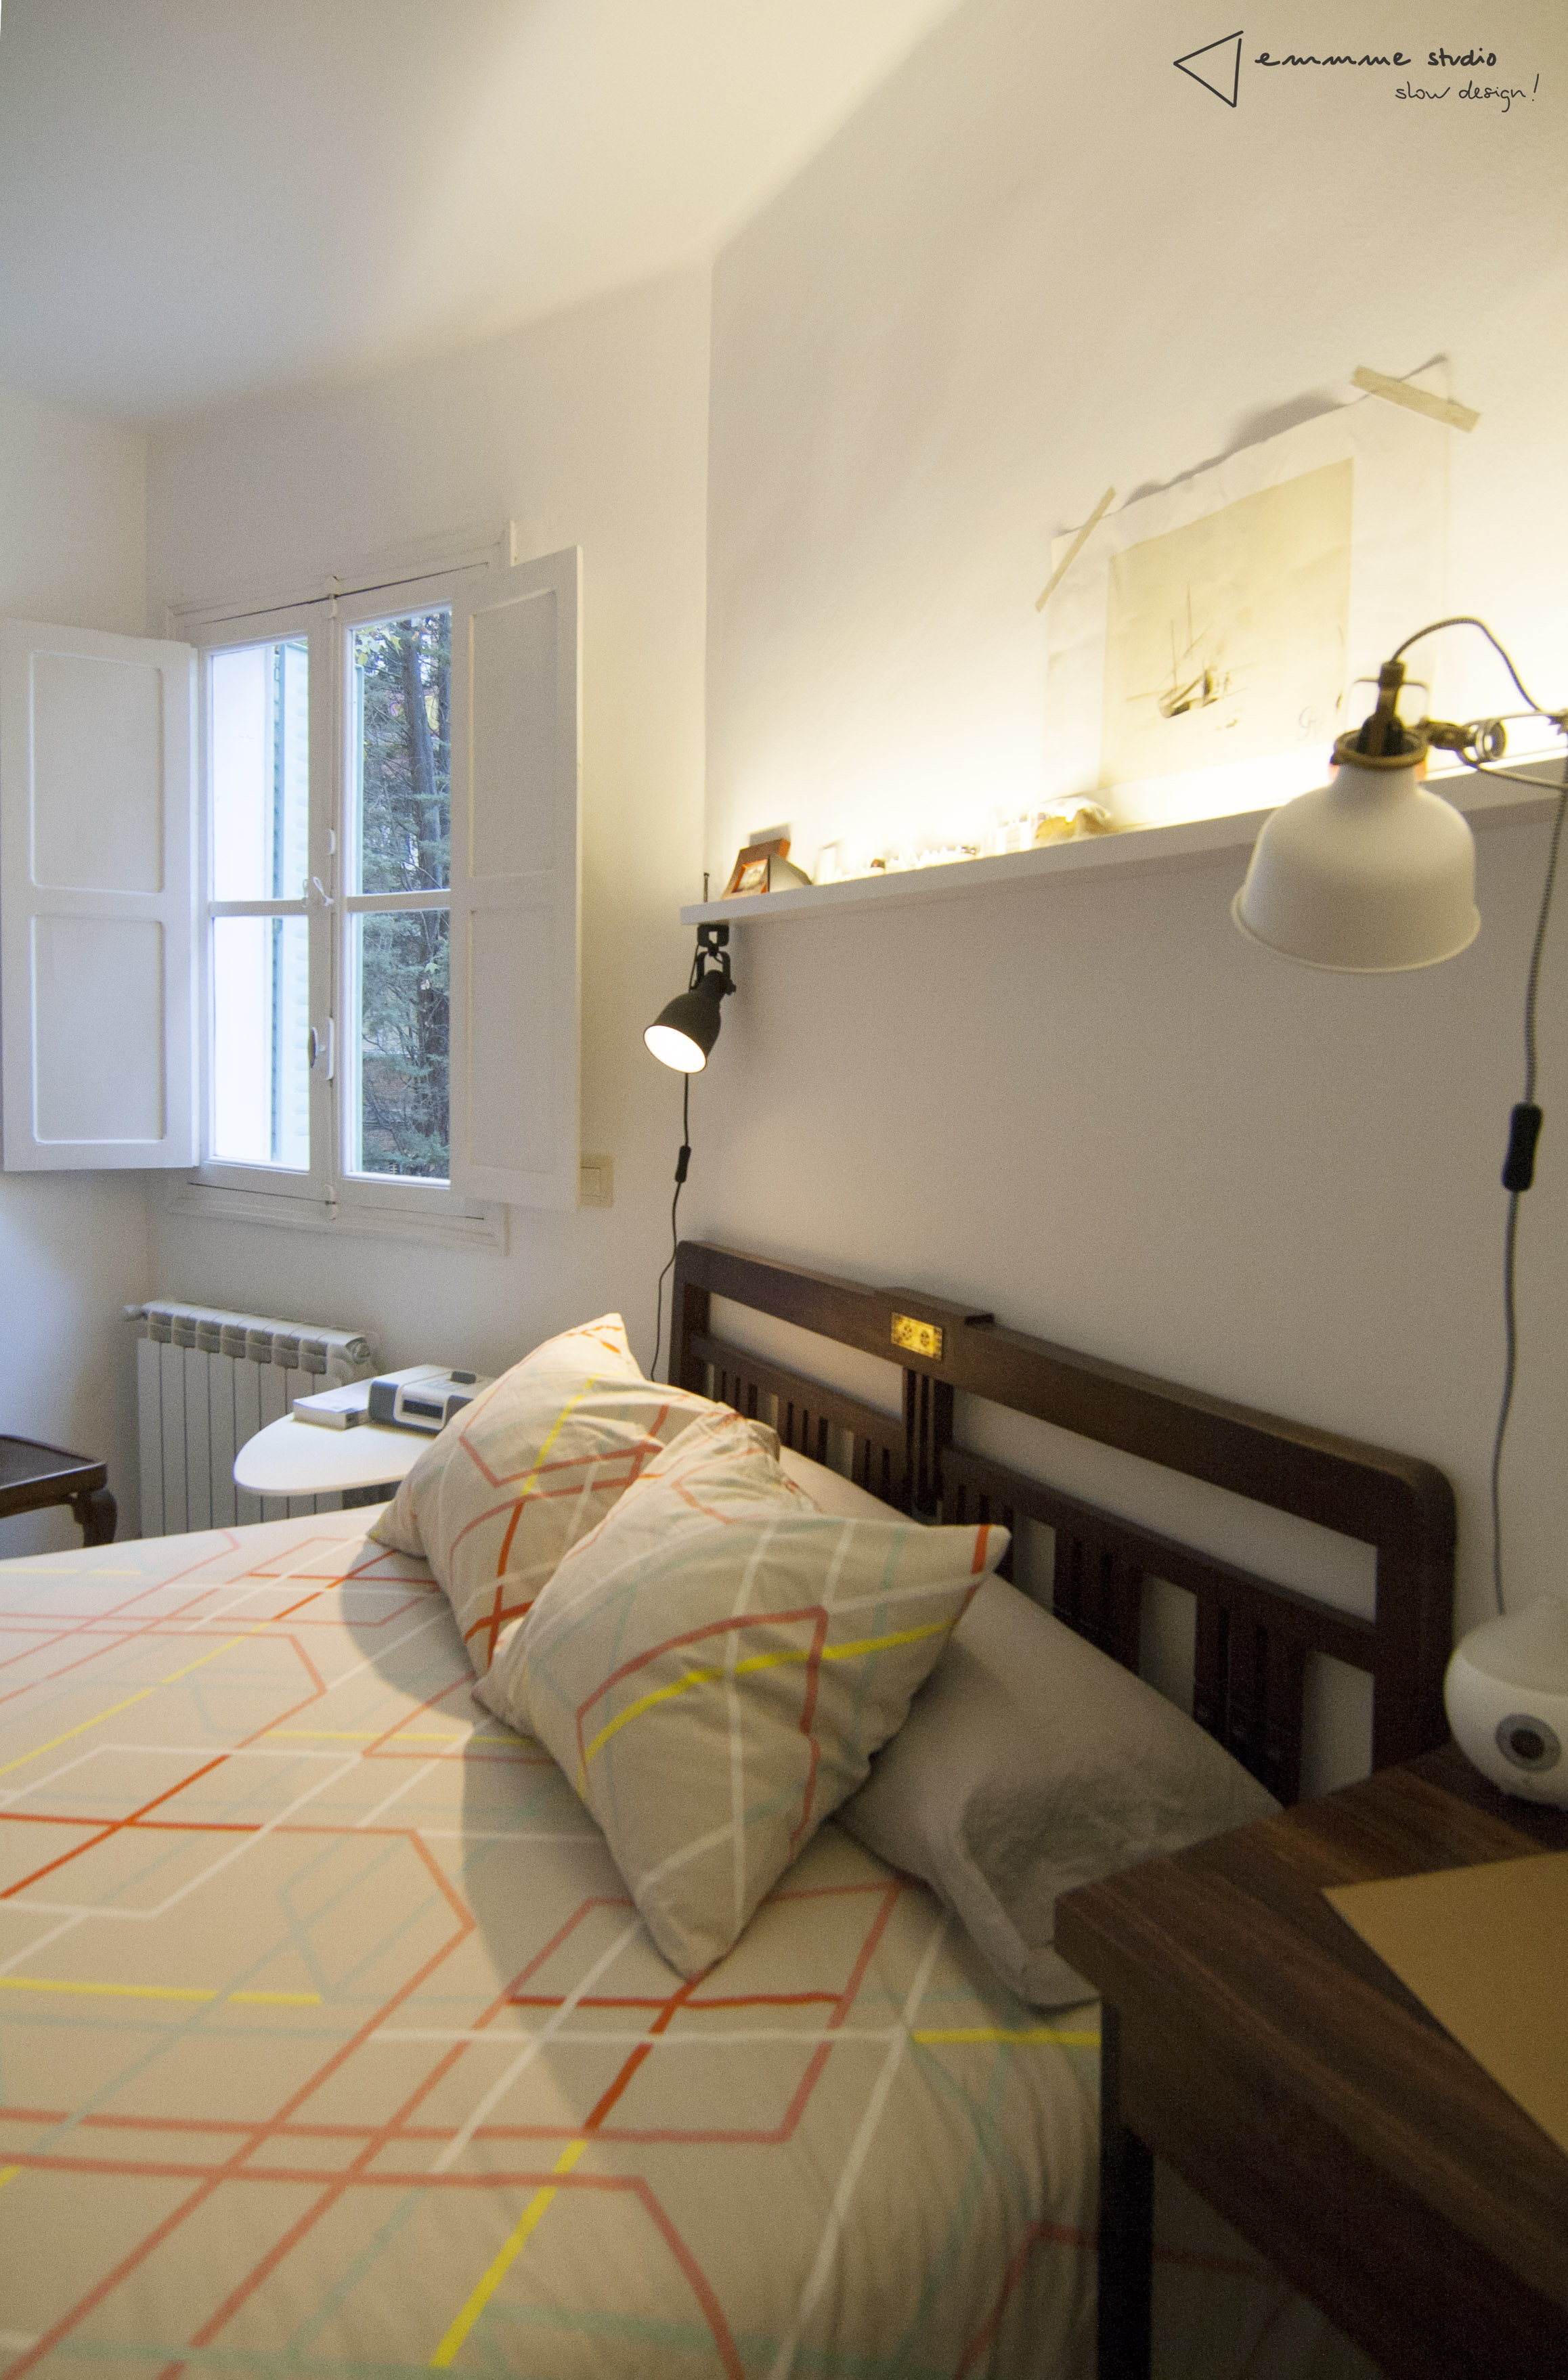 emmme studio_reforma new vintage_dormitorio iluminación.jpg